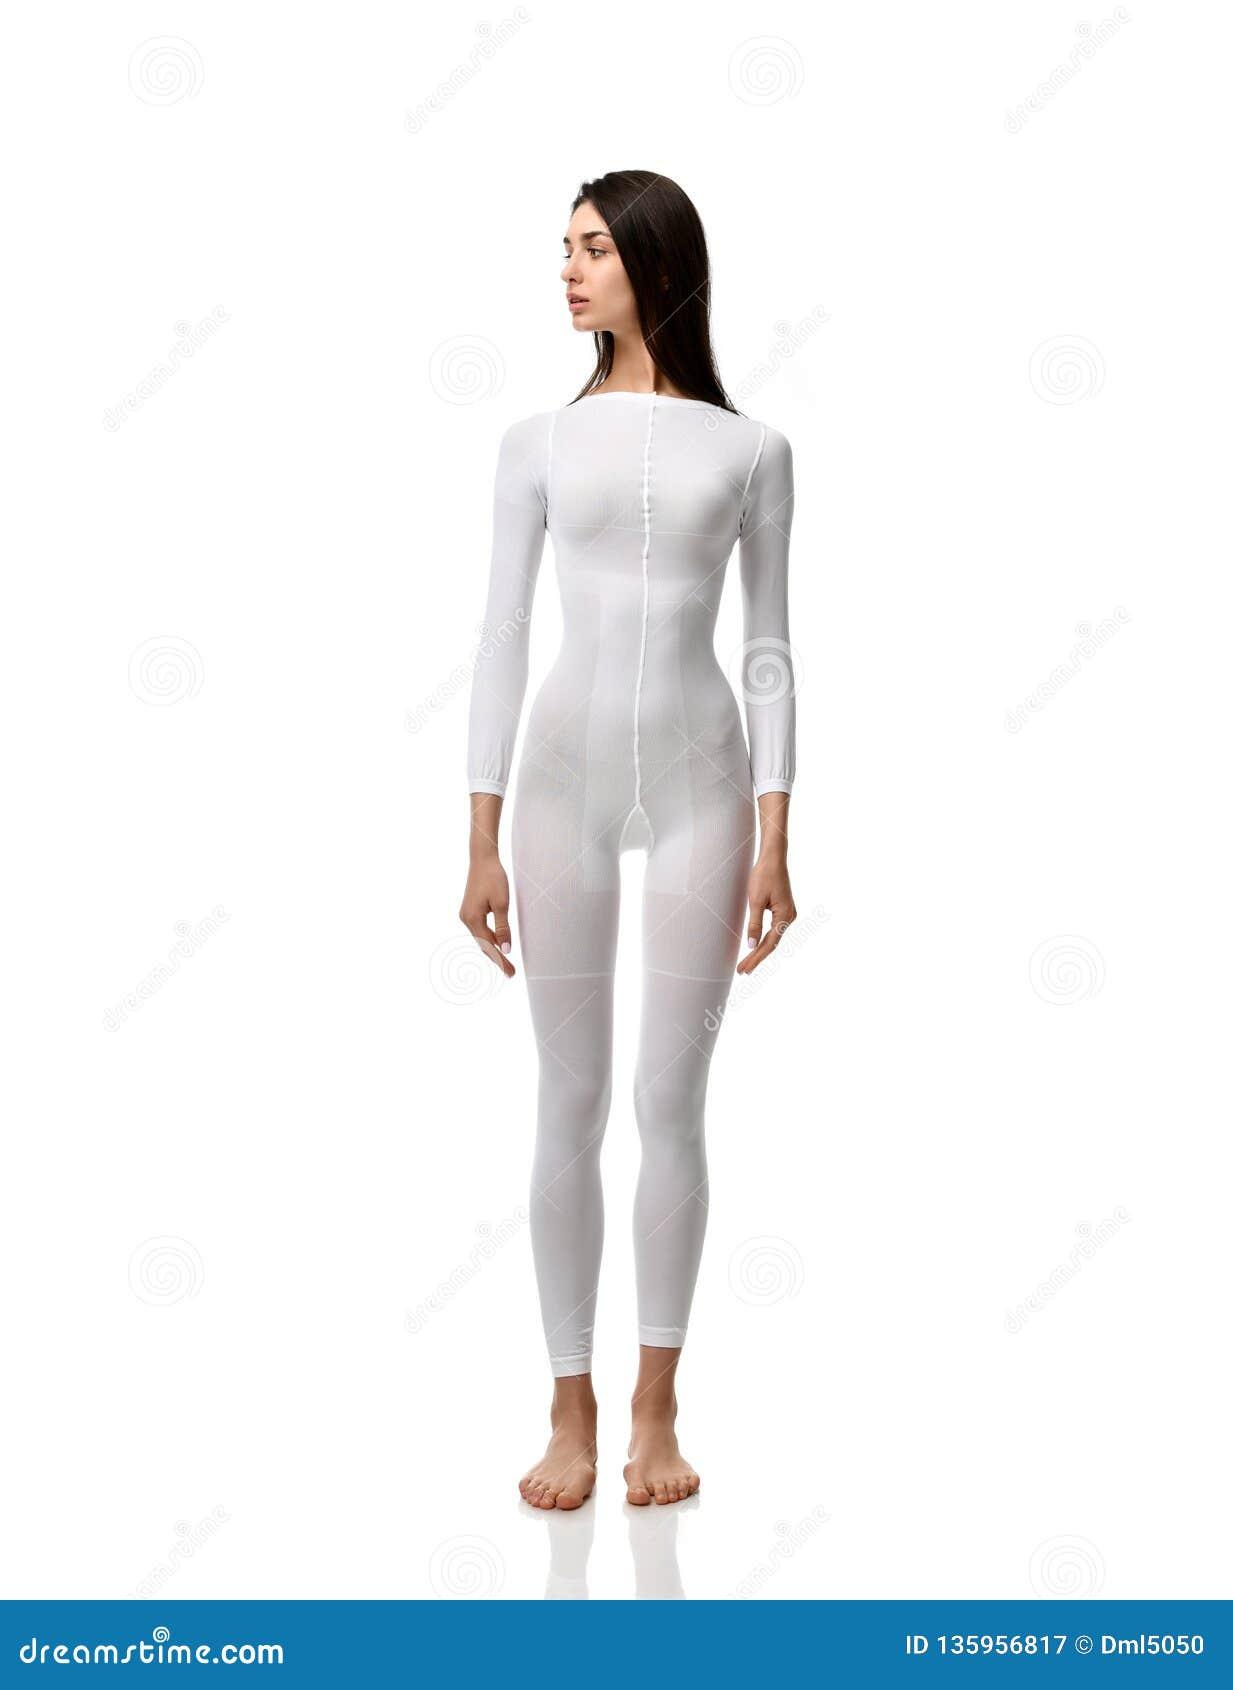 Volledige lichaams donkerbruine vrouw in witte kostuumdoek voor éénmalig gebruik klaar voor medische het experiment volledige len